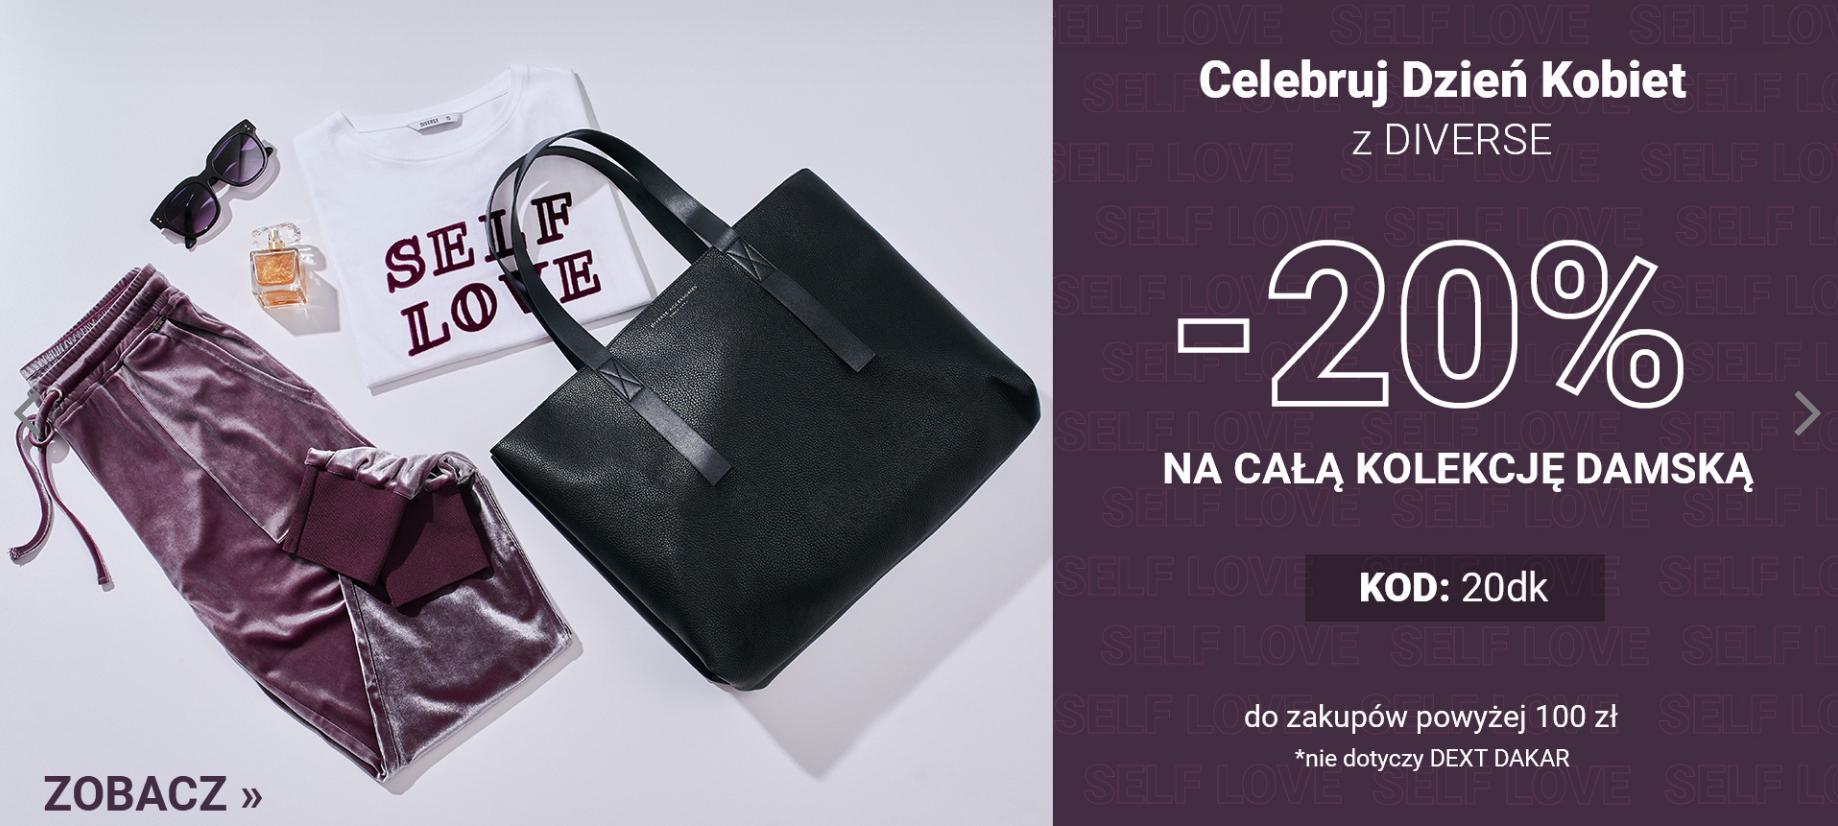 Diverse: 20% rabatu na całą kolekcję odzieży damskiej - promocja na Dzień Kobiet